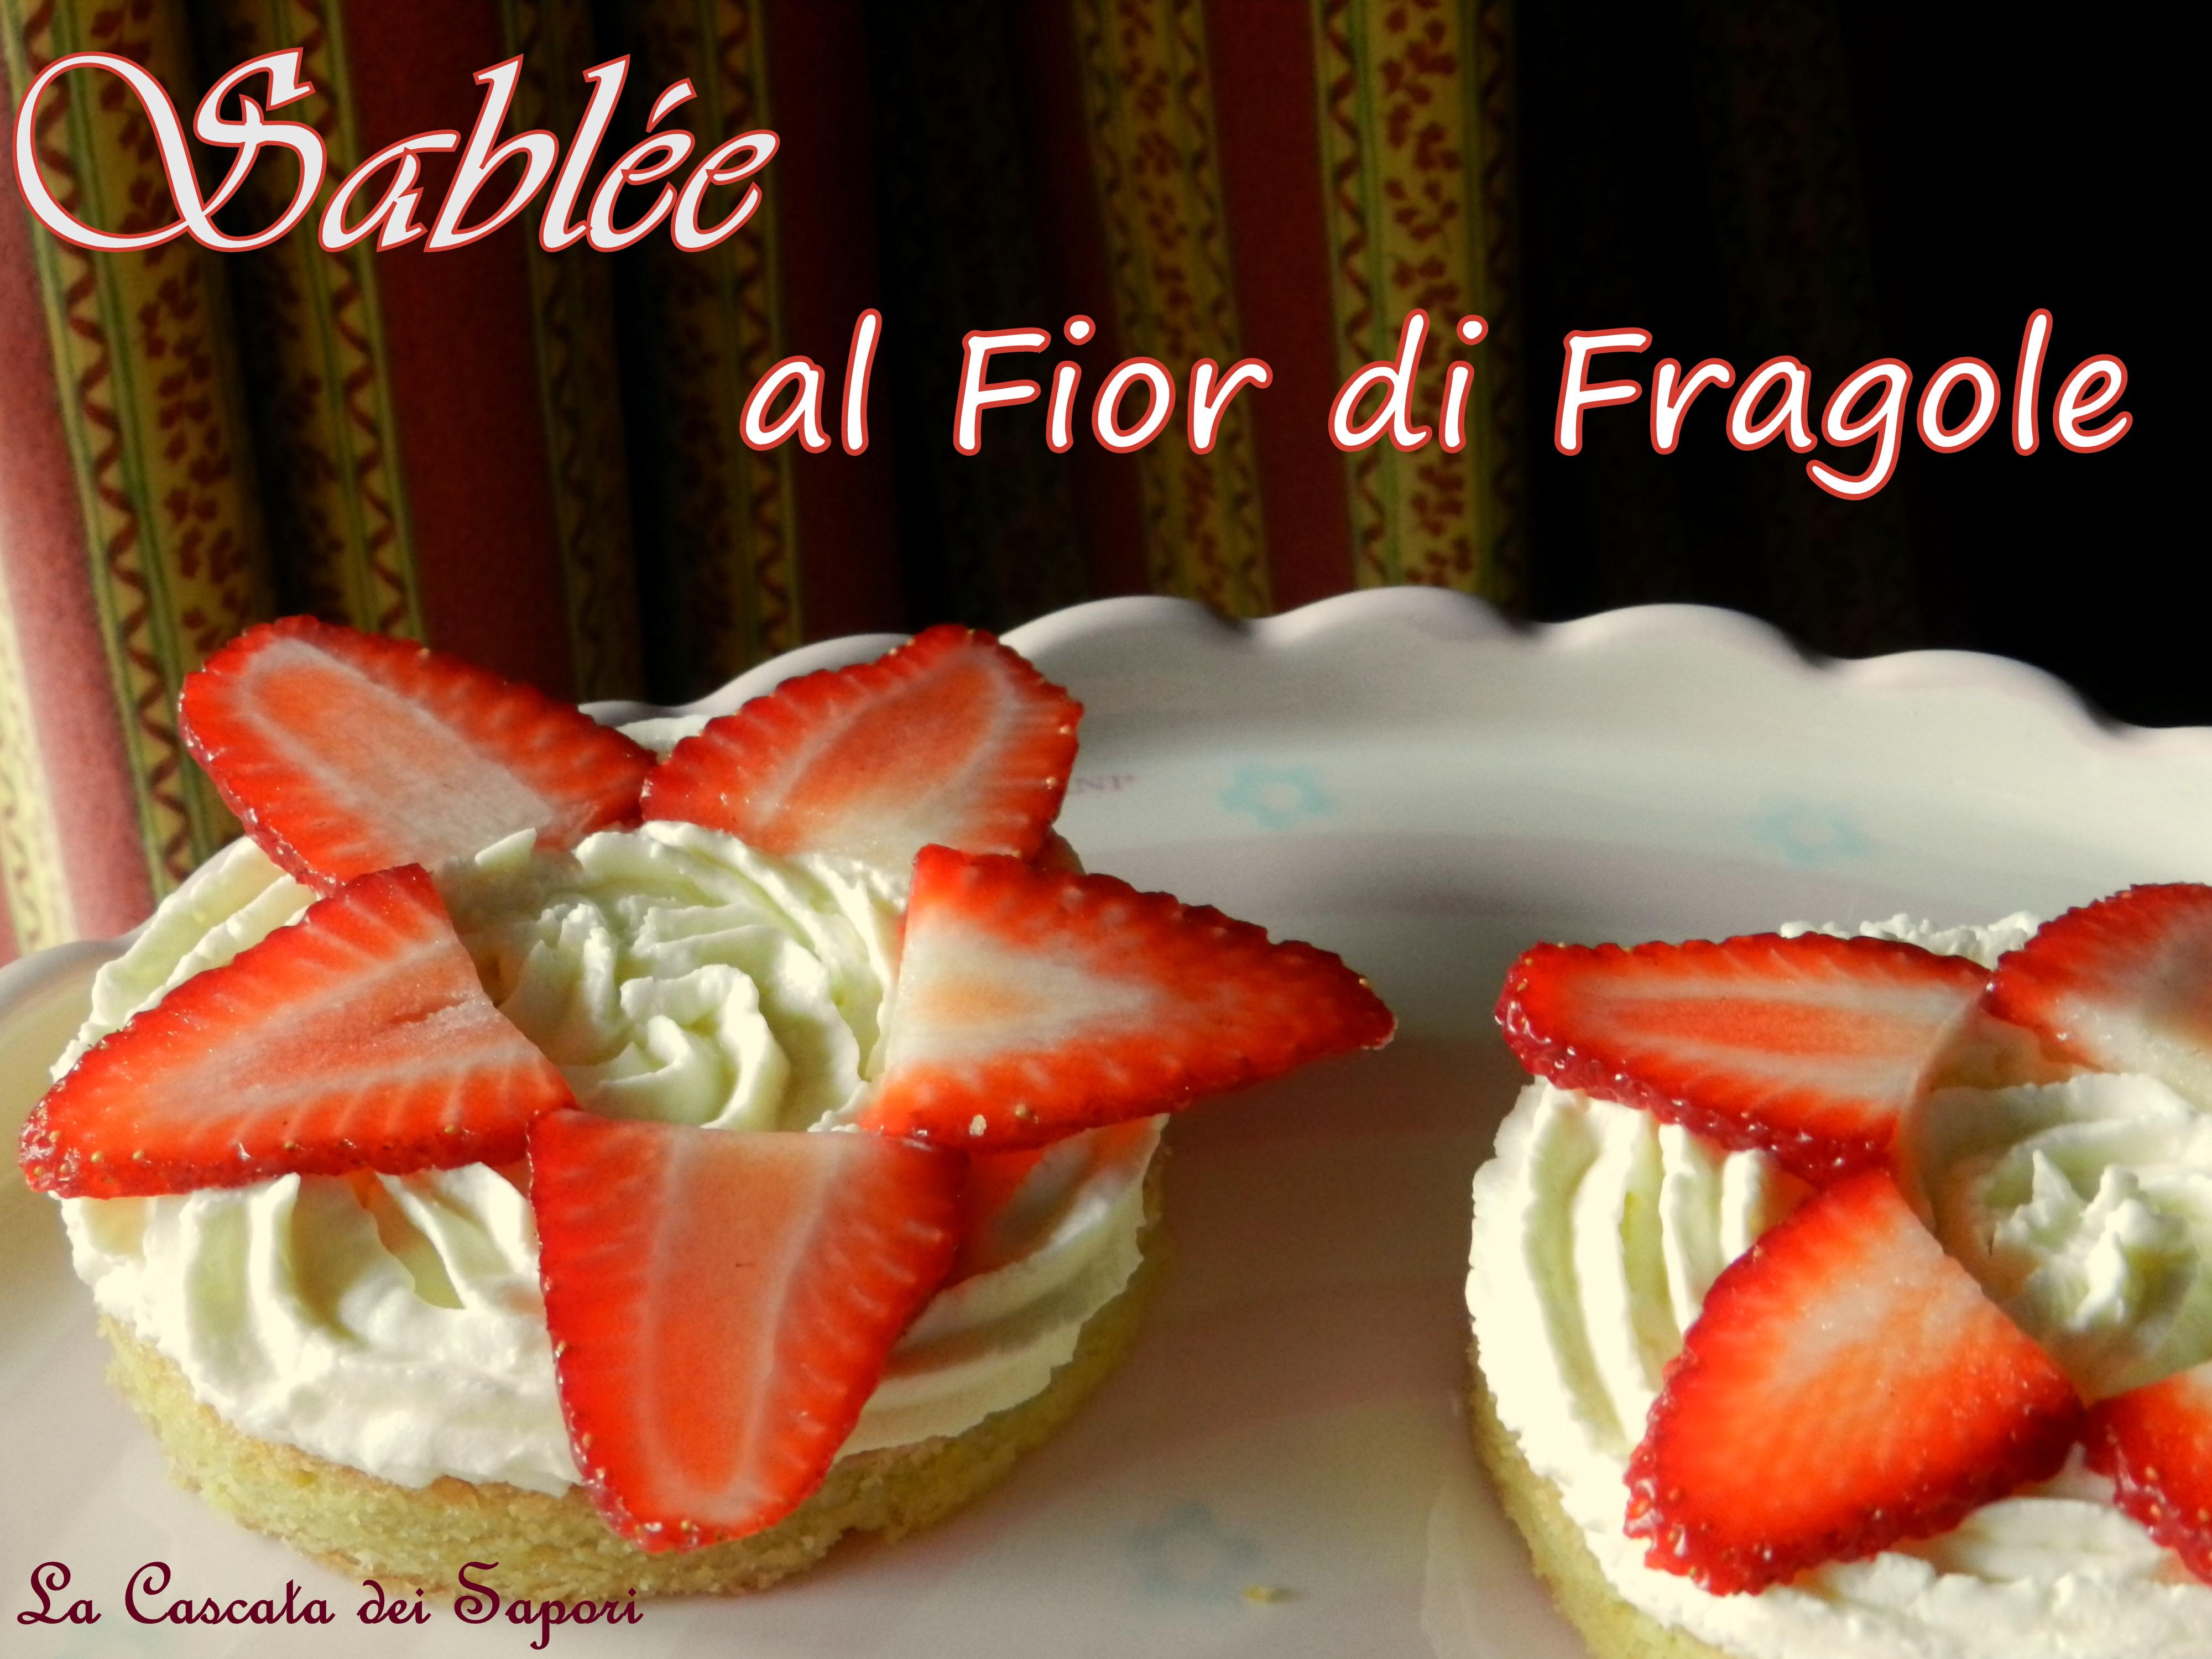 Sablée al Fior di Fragole